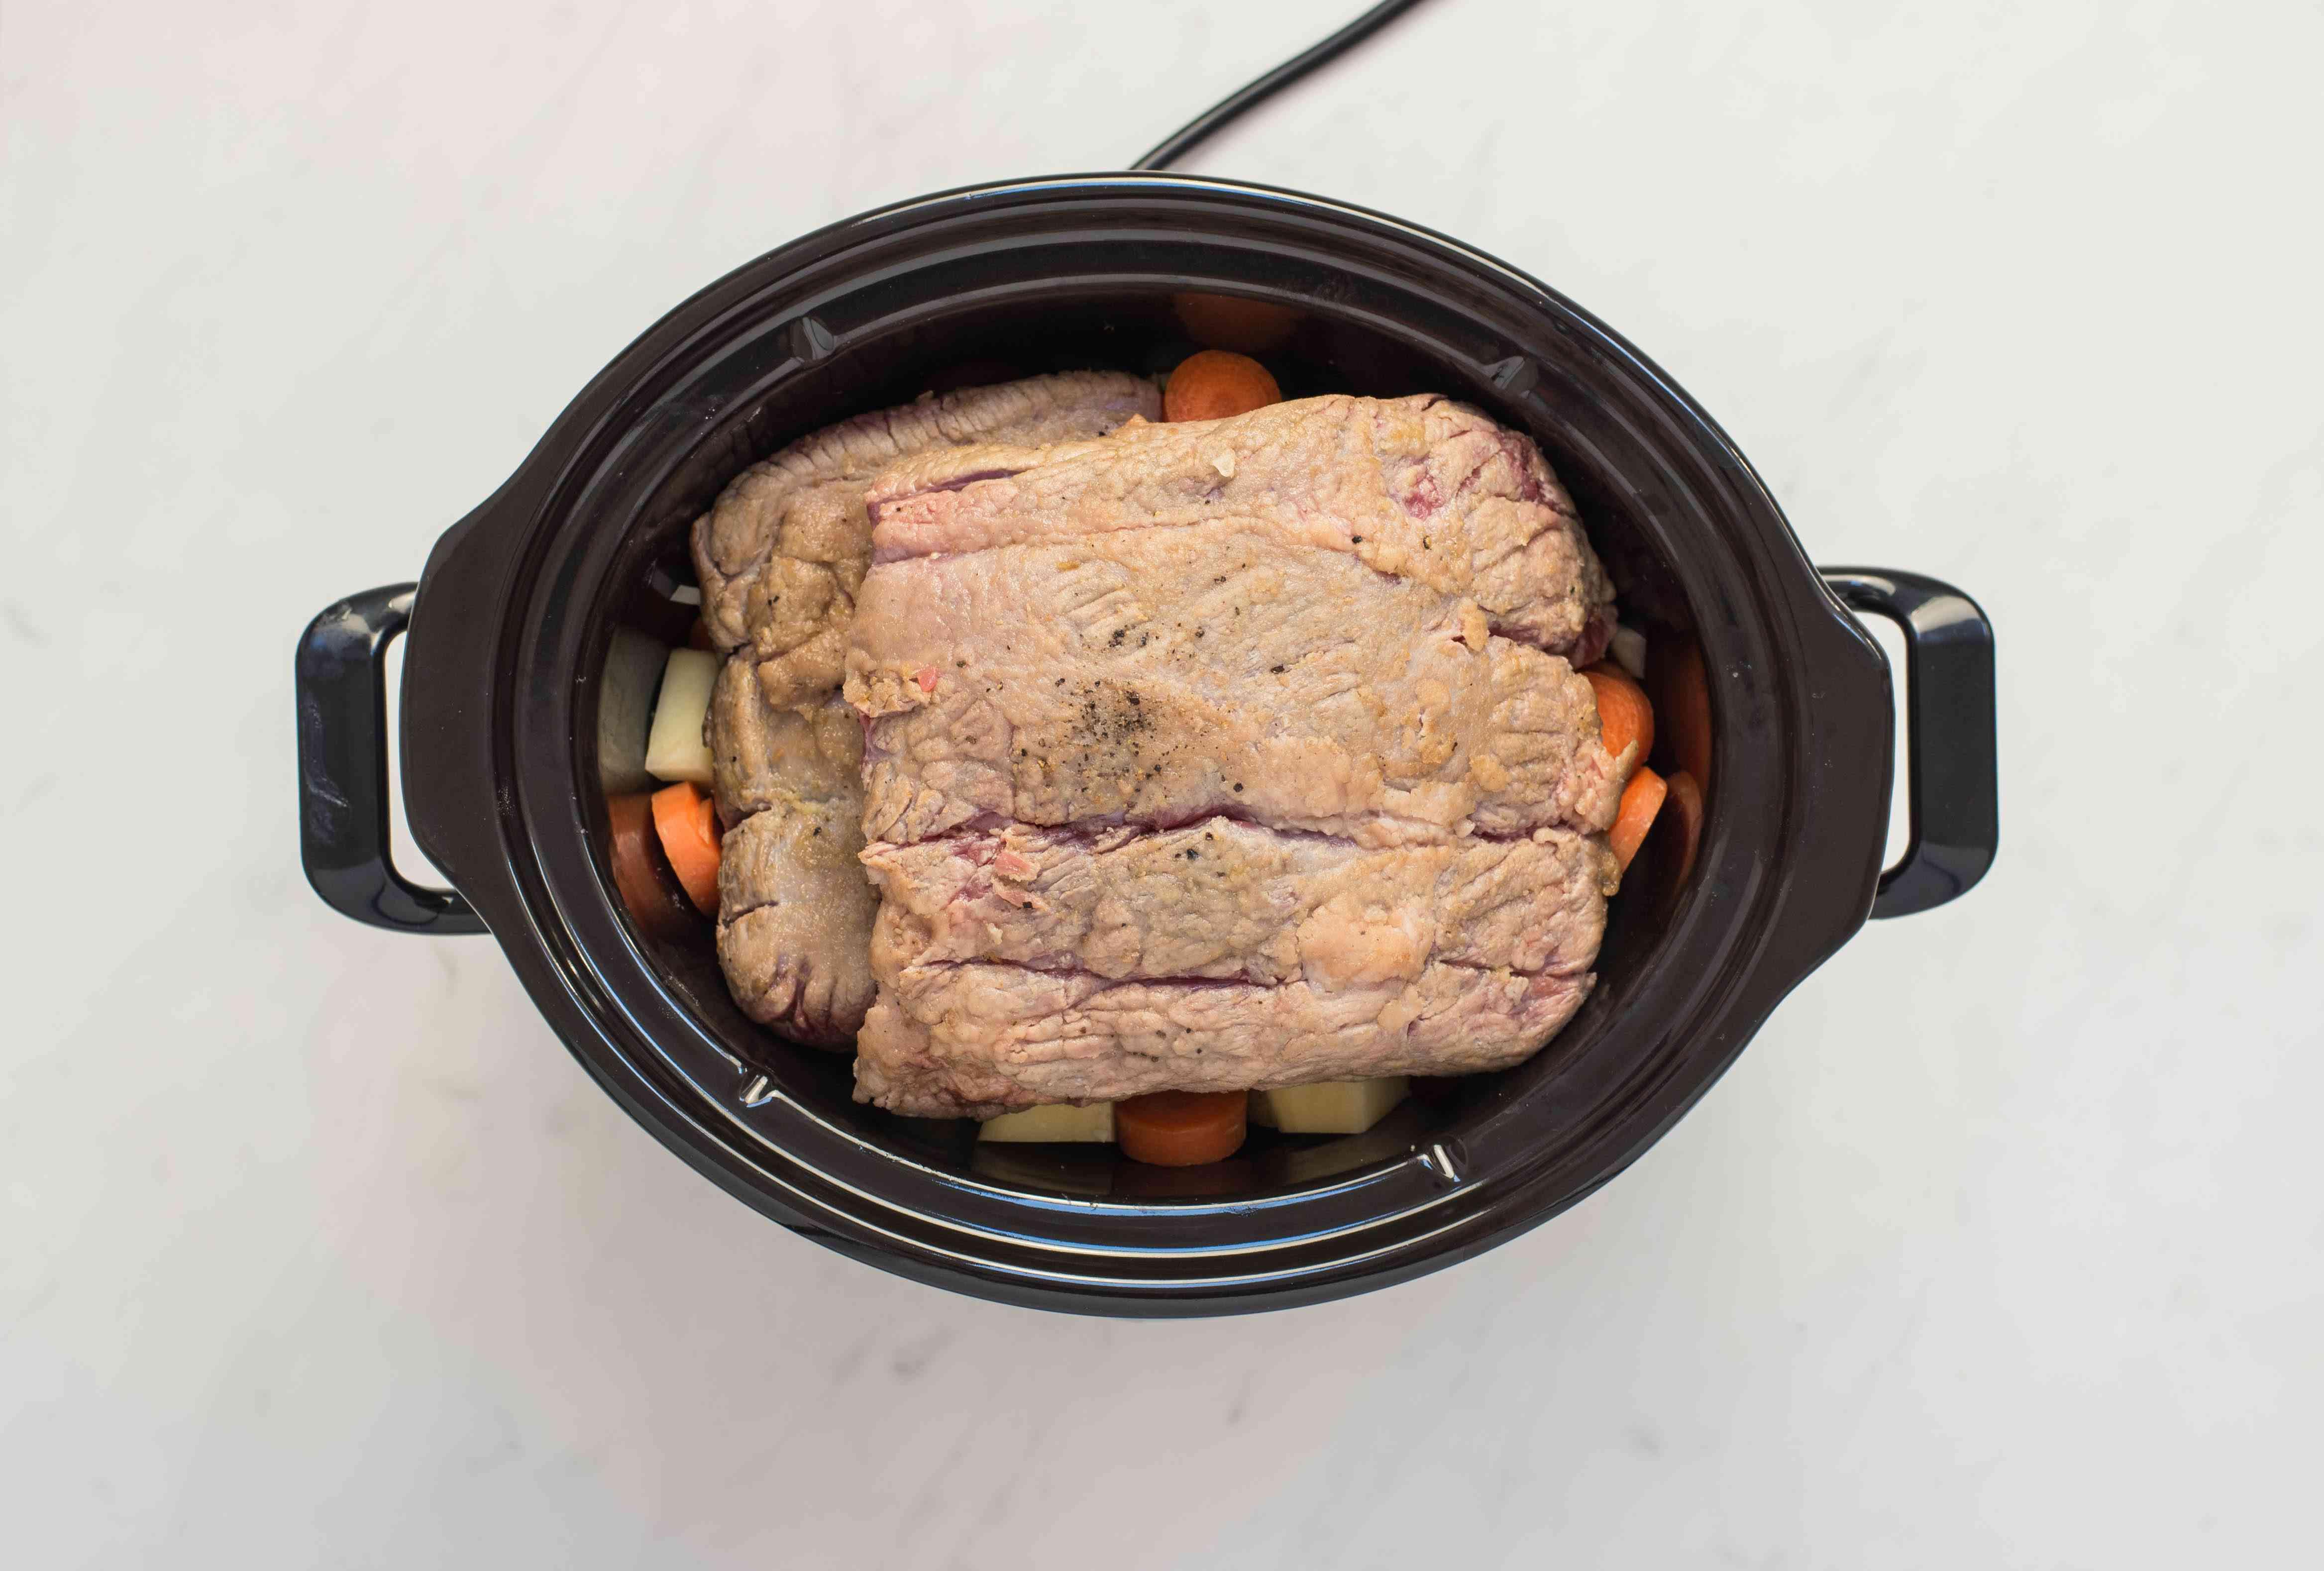 Put roast on slow cooker